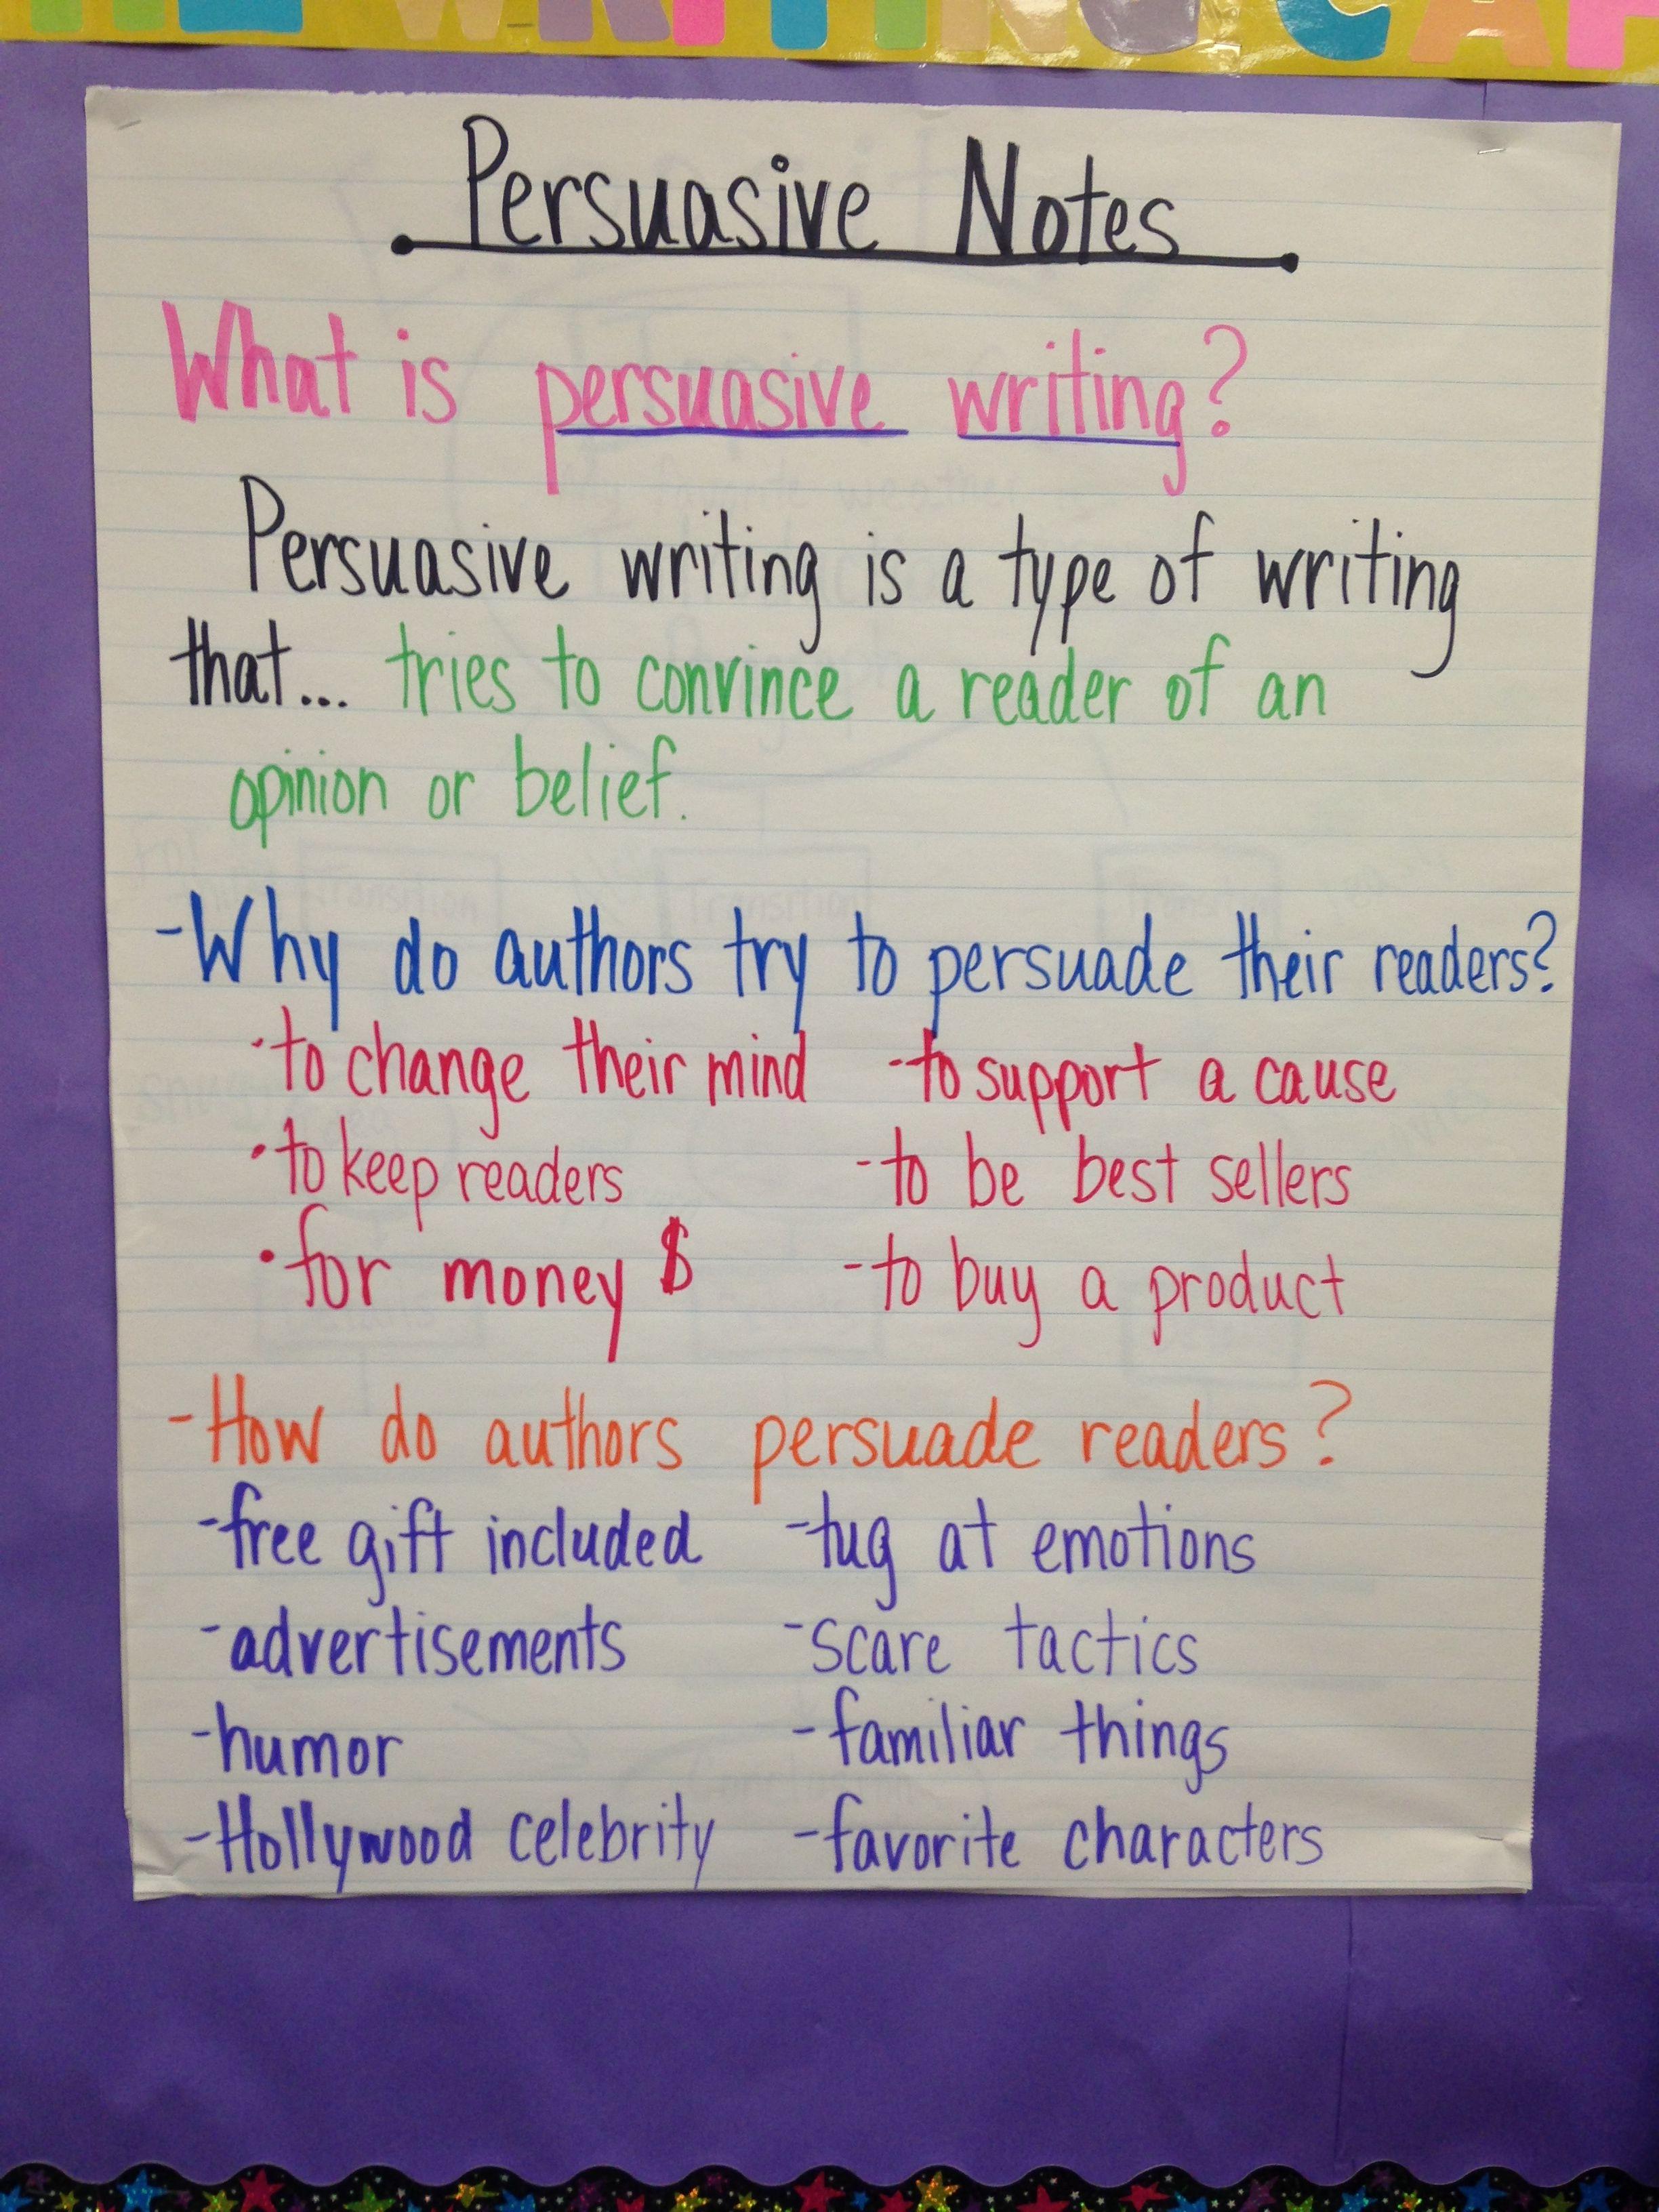 Persuasive Writing Persuasive Writing Teaching Writing Persuasive Essays Sample persuasive writing for grade